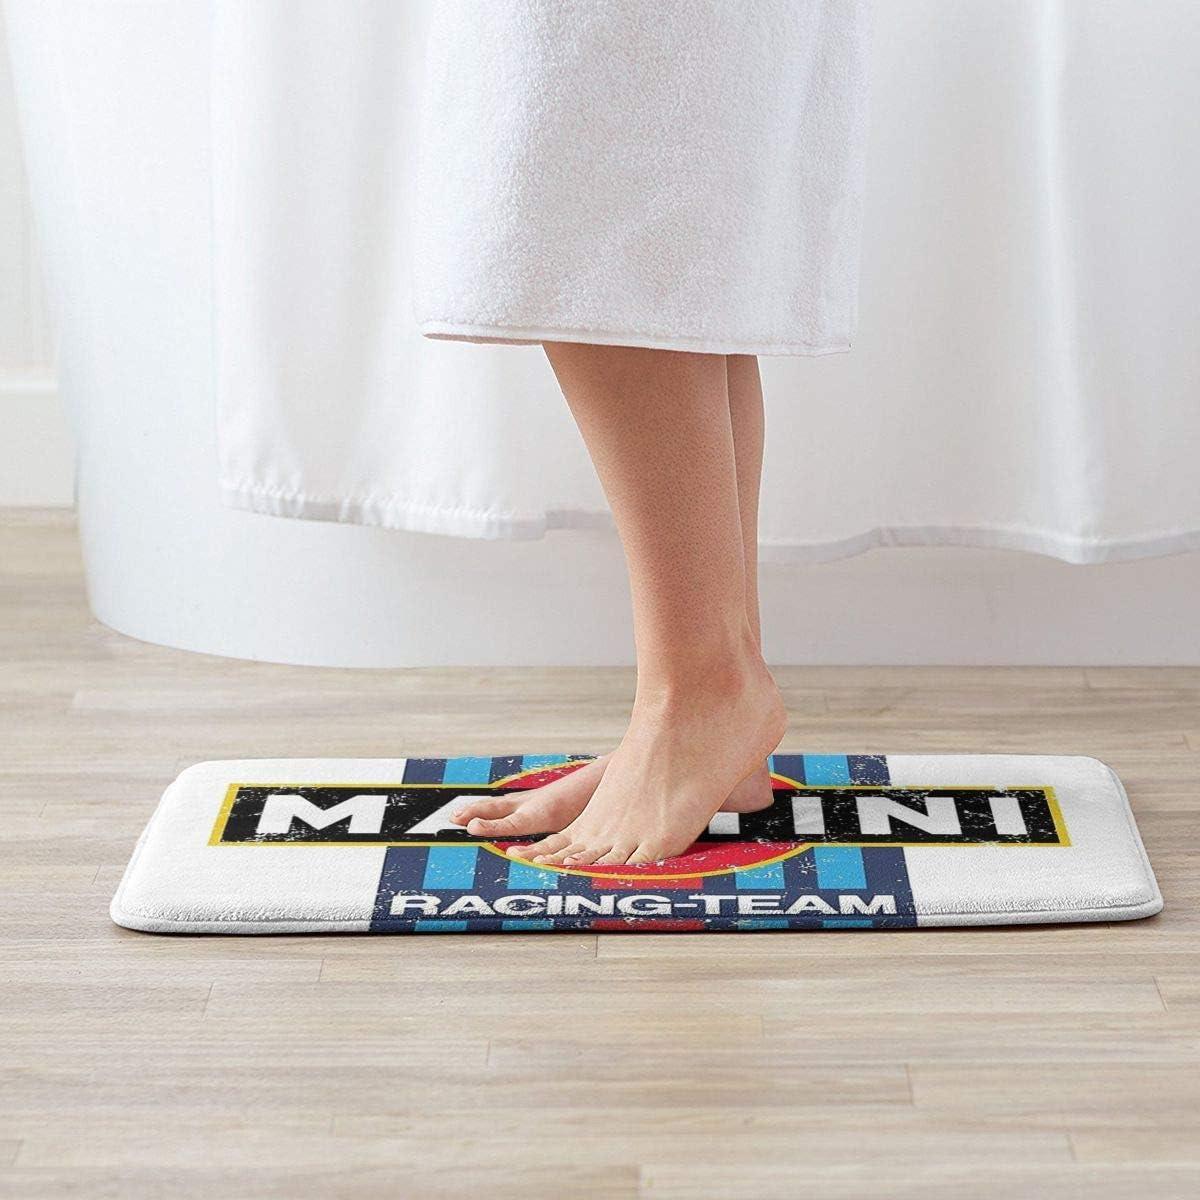 BLSYP Tappetino da Bagno Martini Racing Antiscivolo tappeti di Benvenuto da 19.531,5 Pollici tappeti Lavabili per tappeti da Cucina